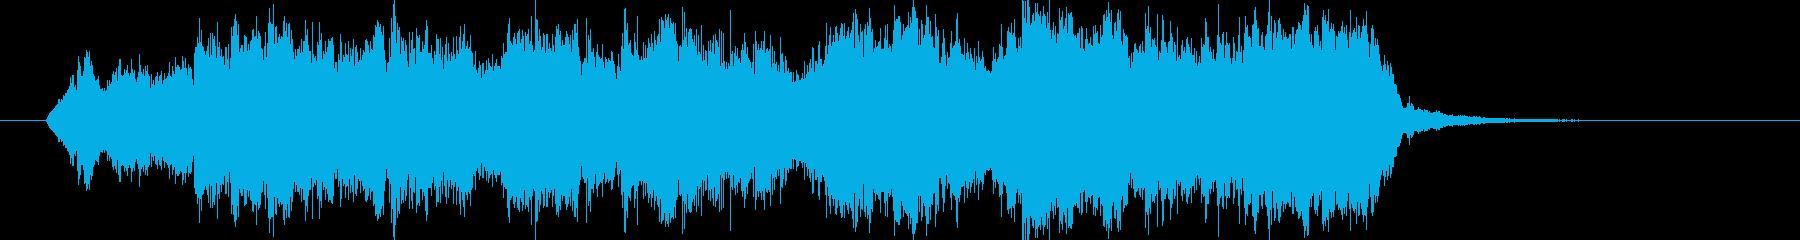 緩やかで滑らかなクラシカルジングルの再生済みの波形